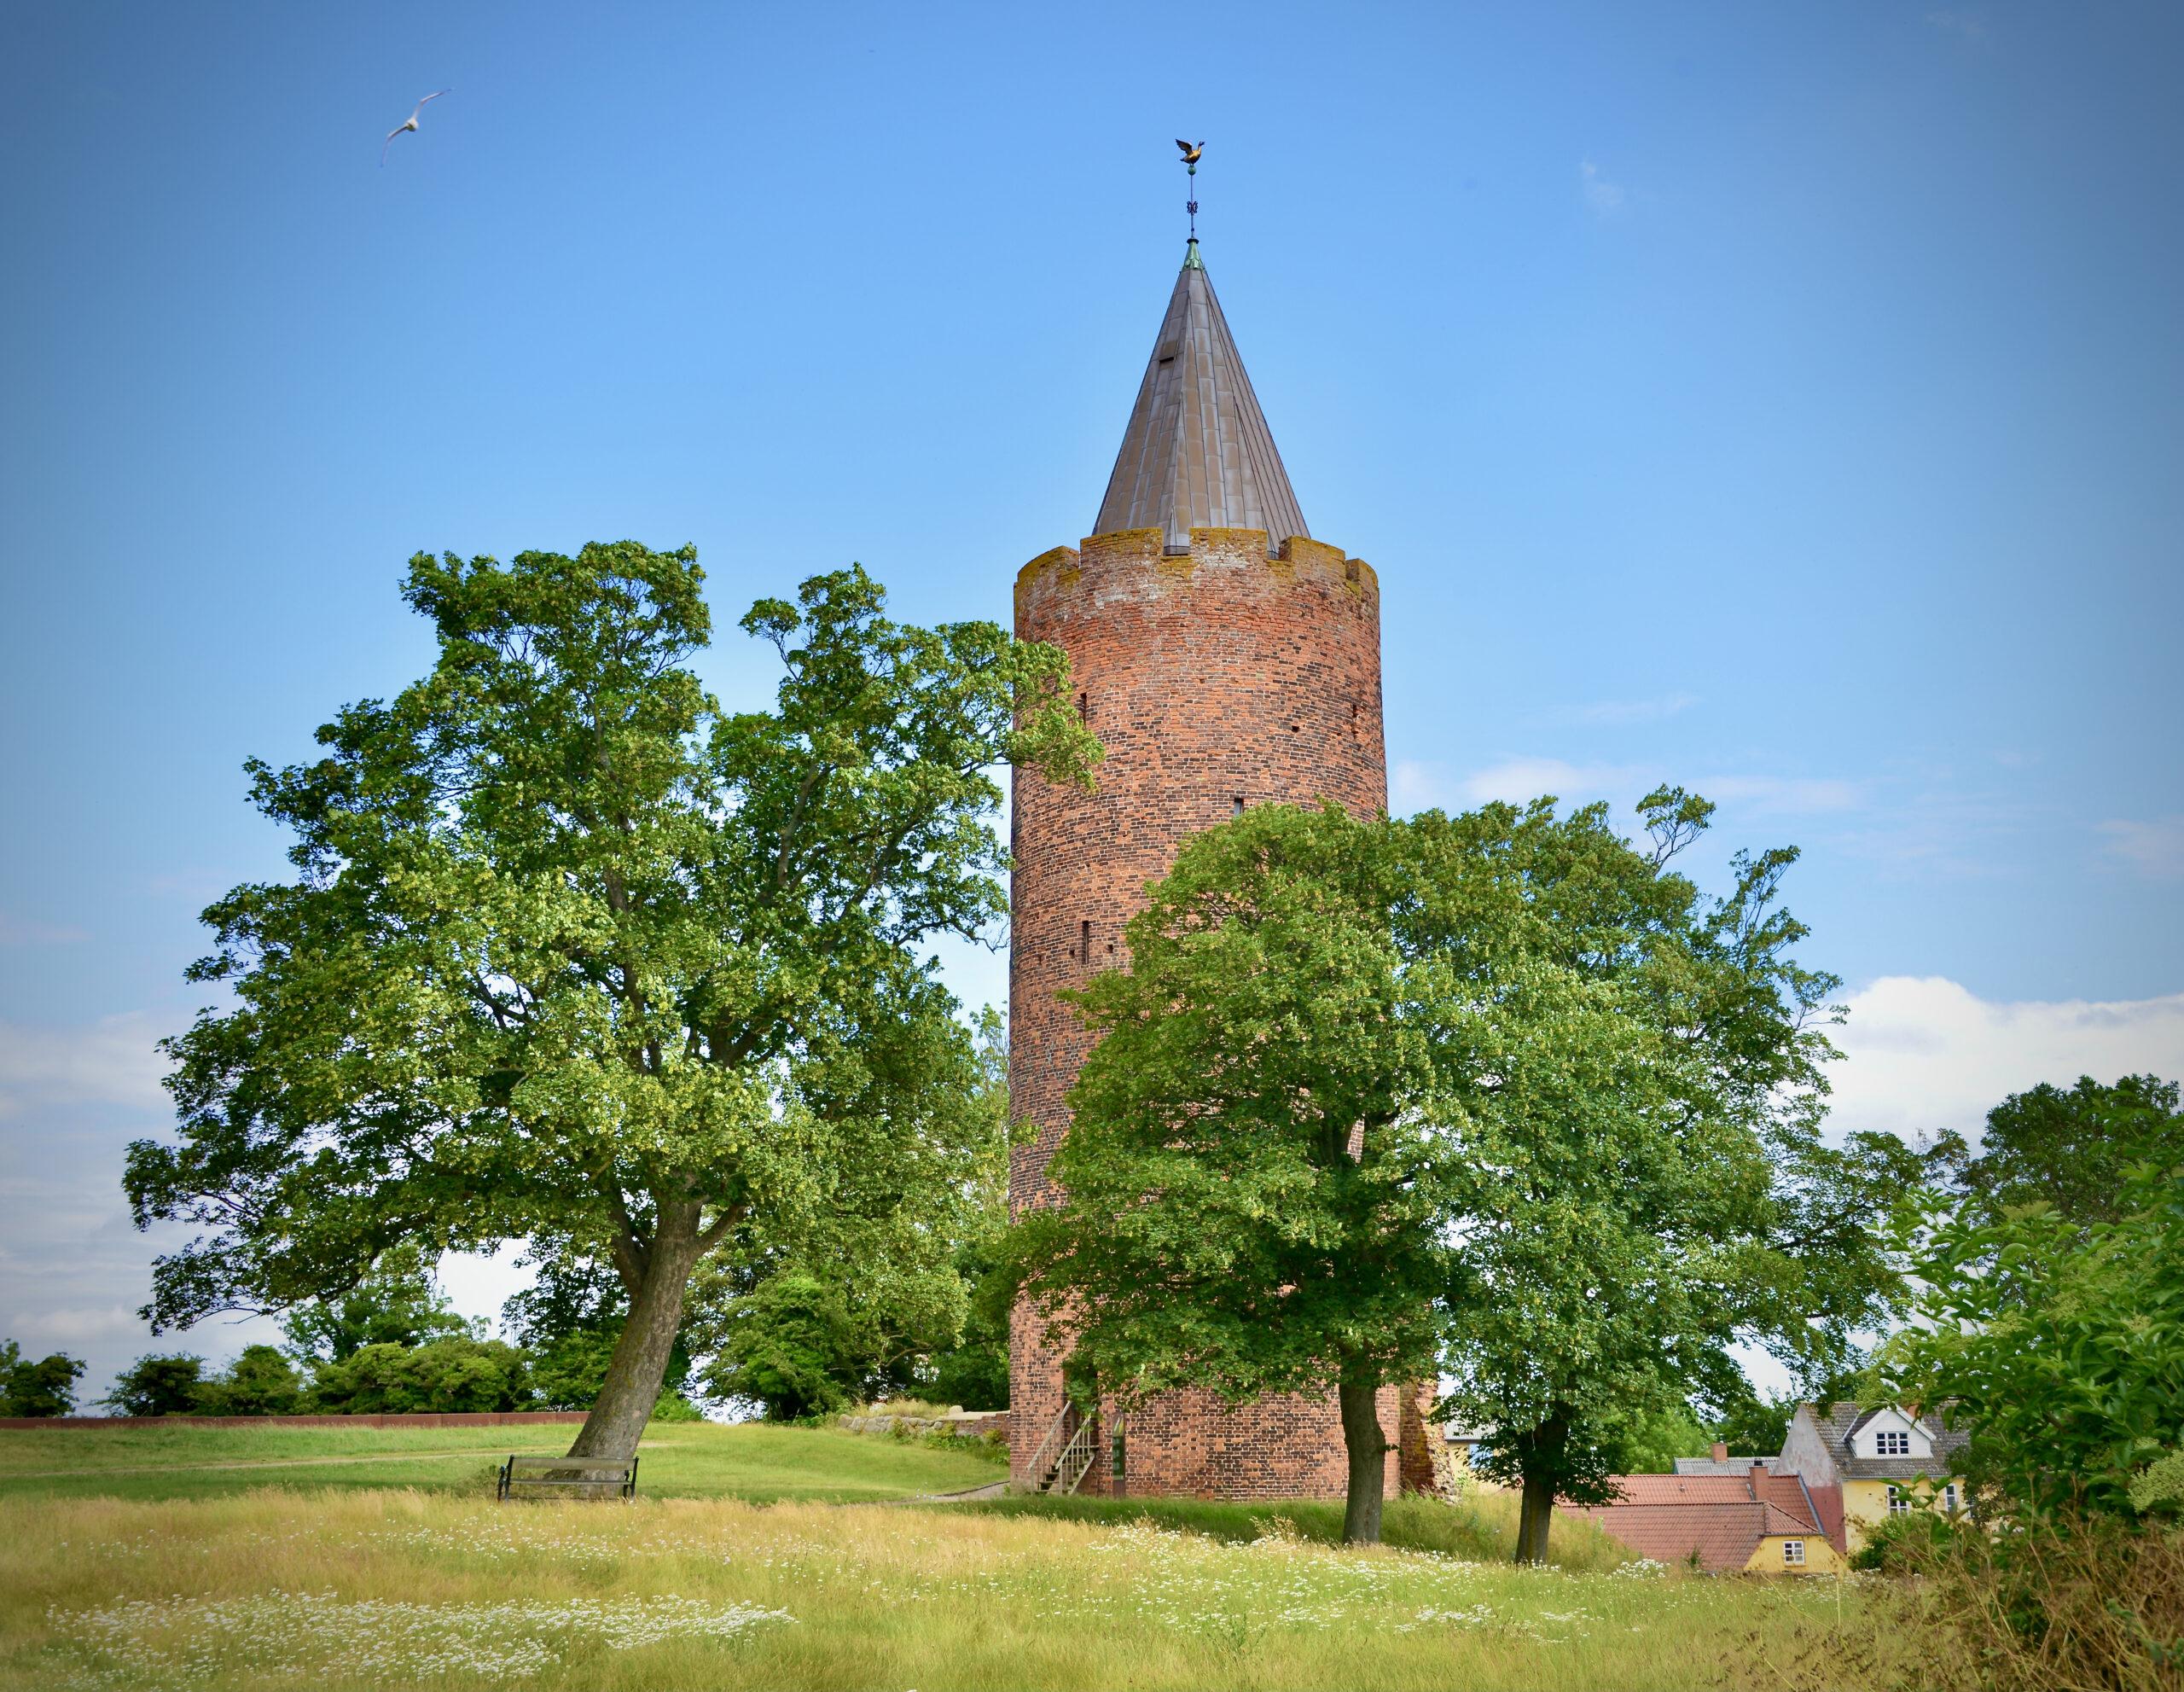 Gęsia Wieża w Vordingborgu czyli Gåsetårnet i Vordingborg